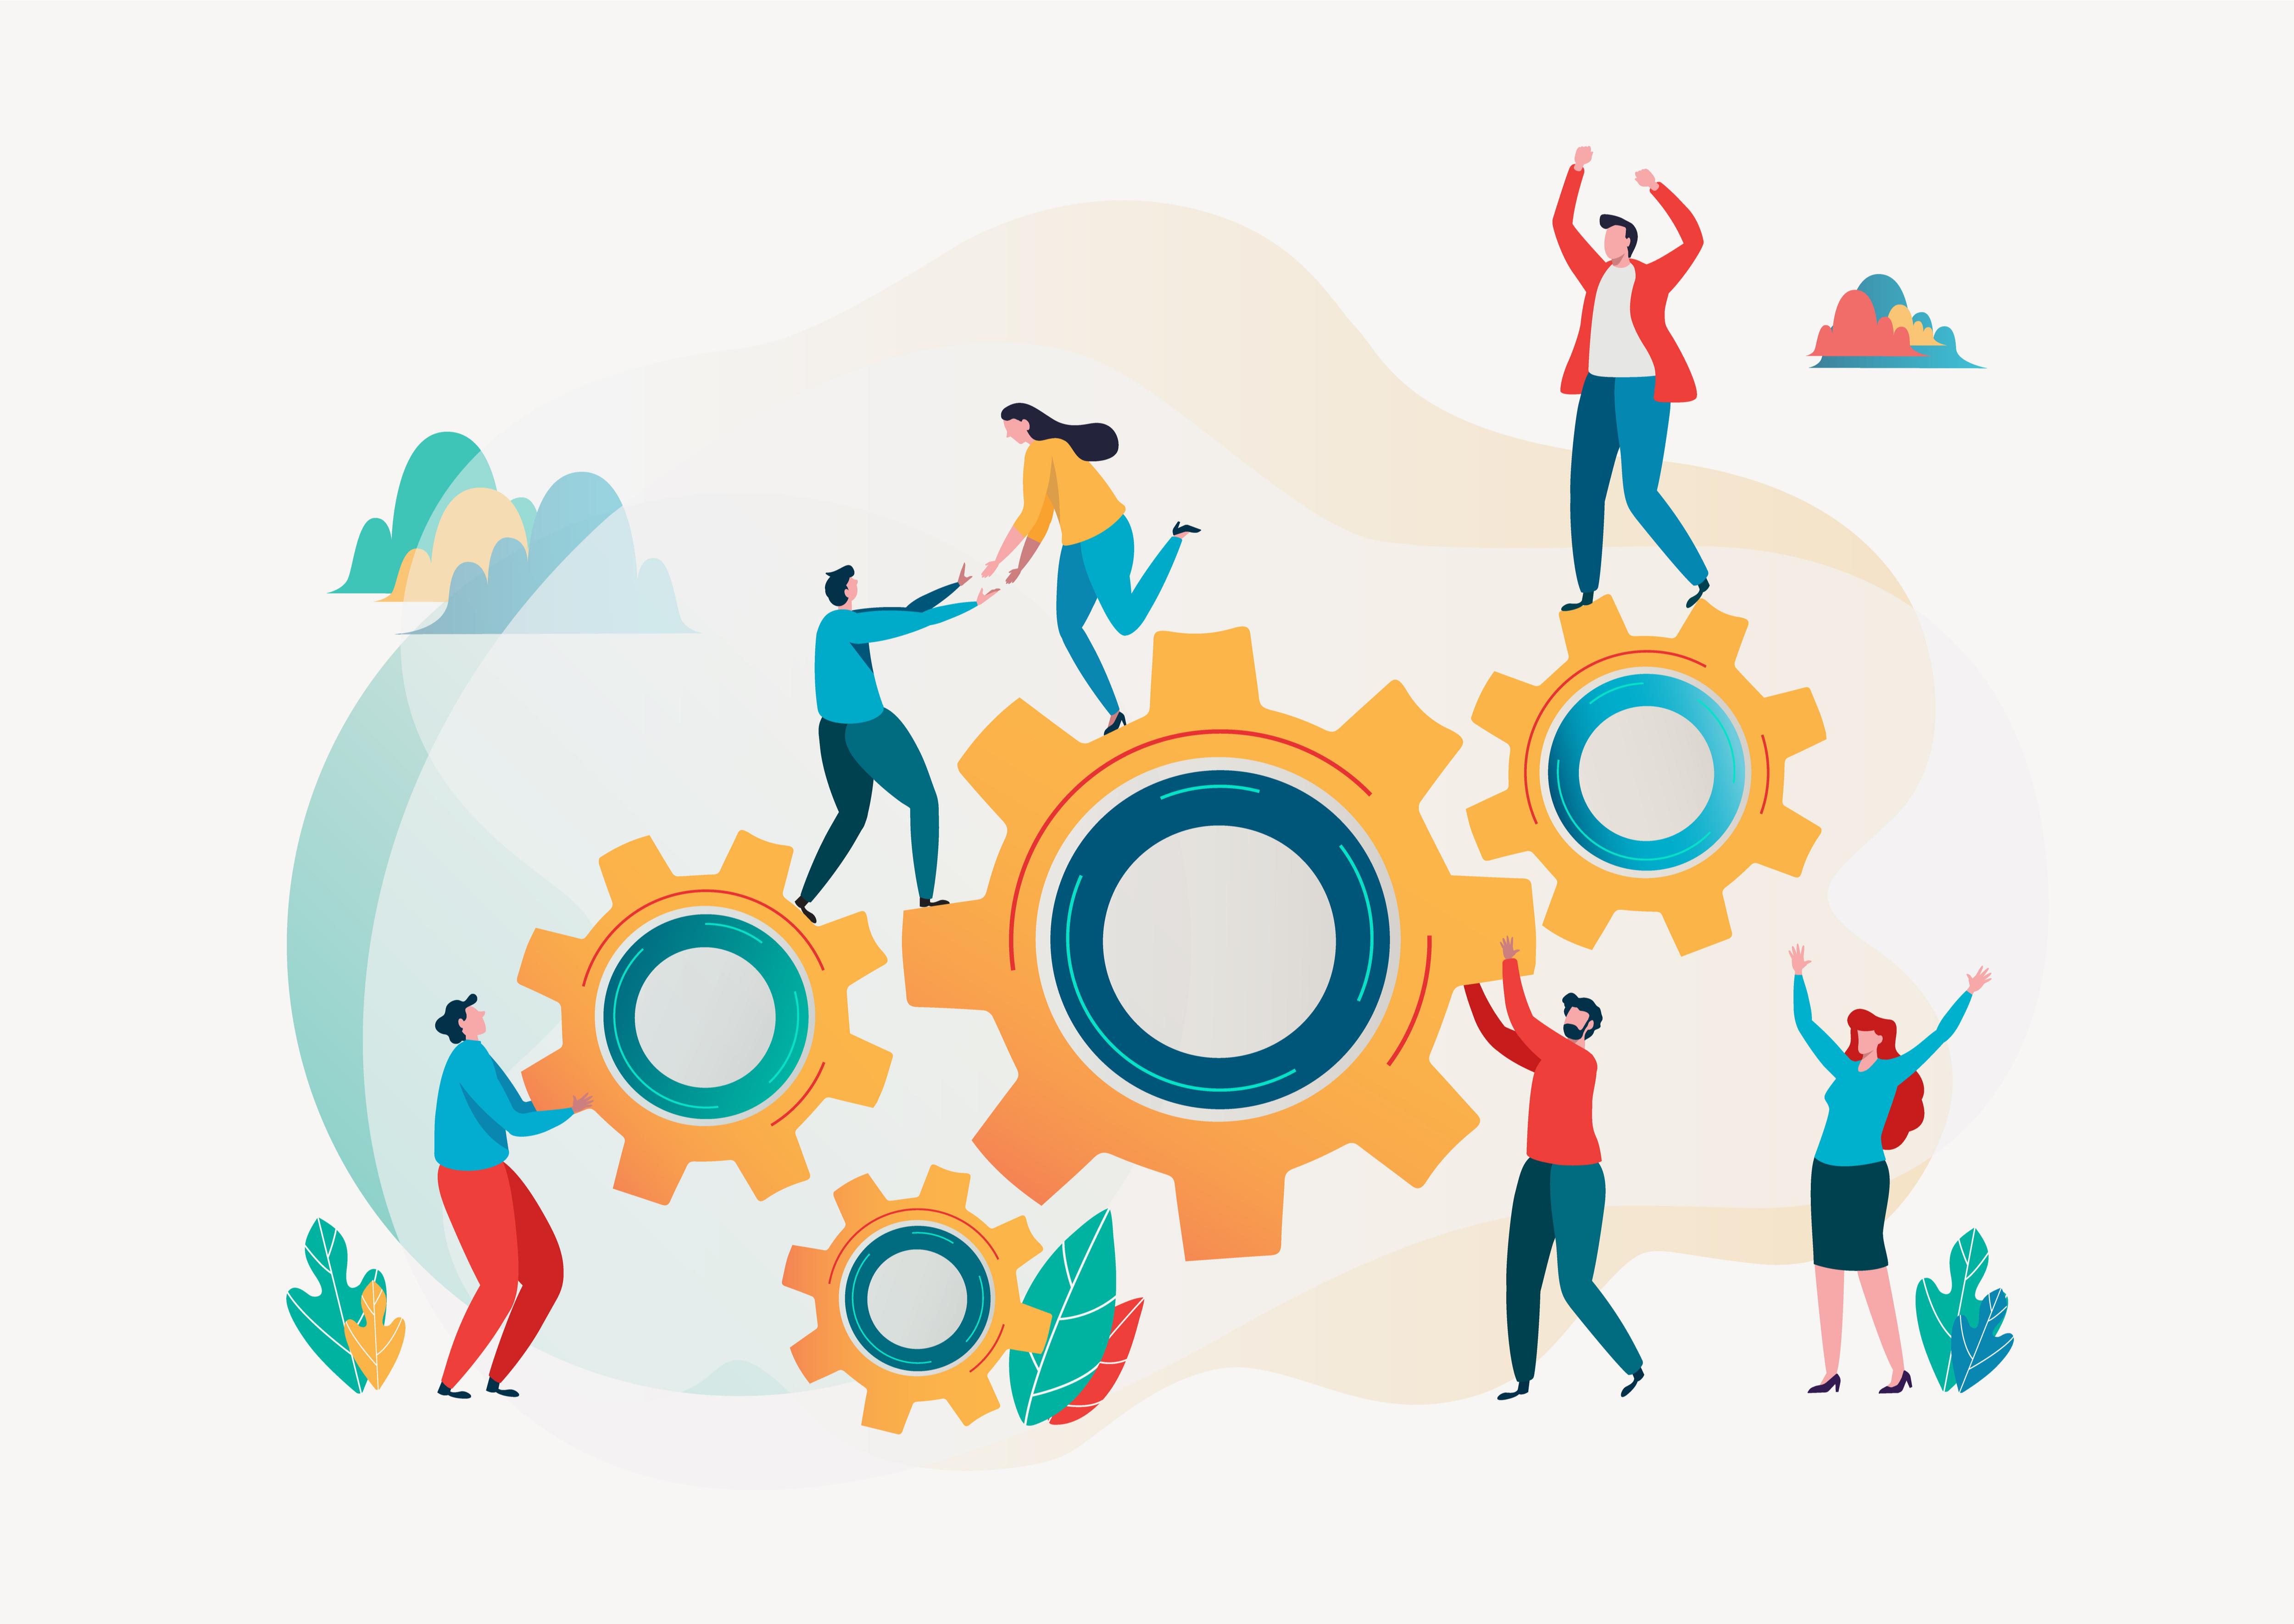 CRM et marketing automation : comment bien choisir ses outils digitaux dans l'industrie?